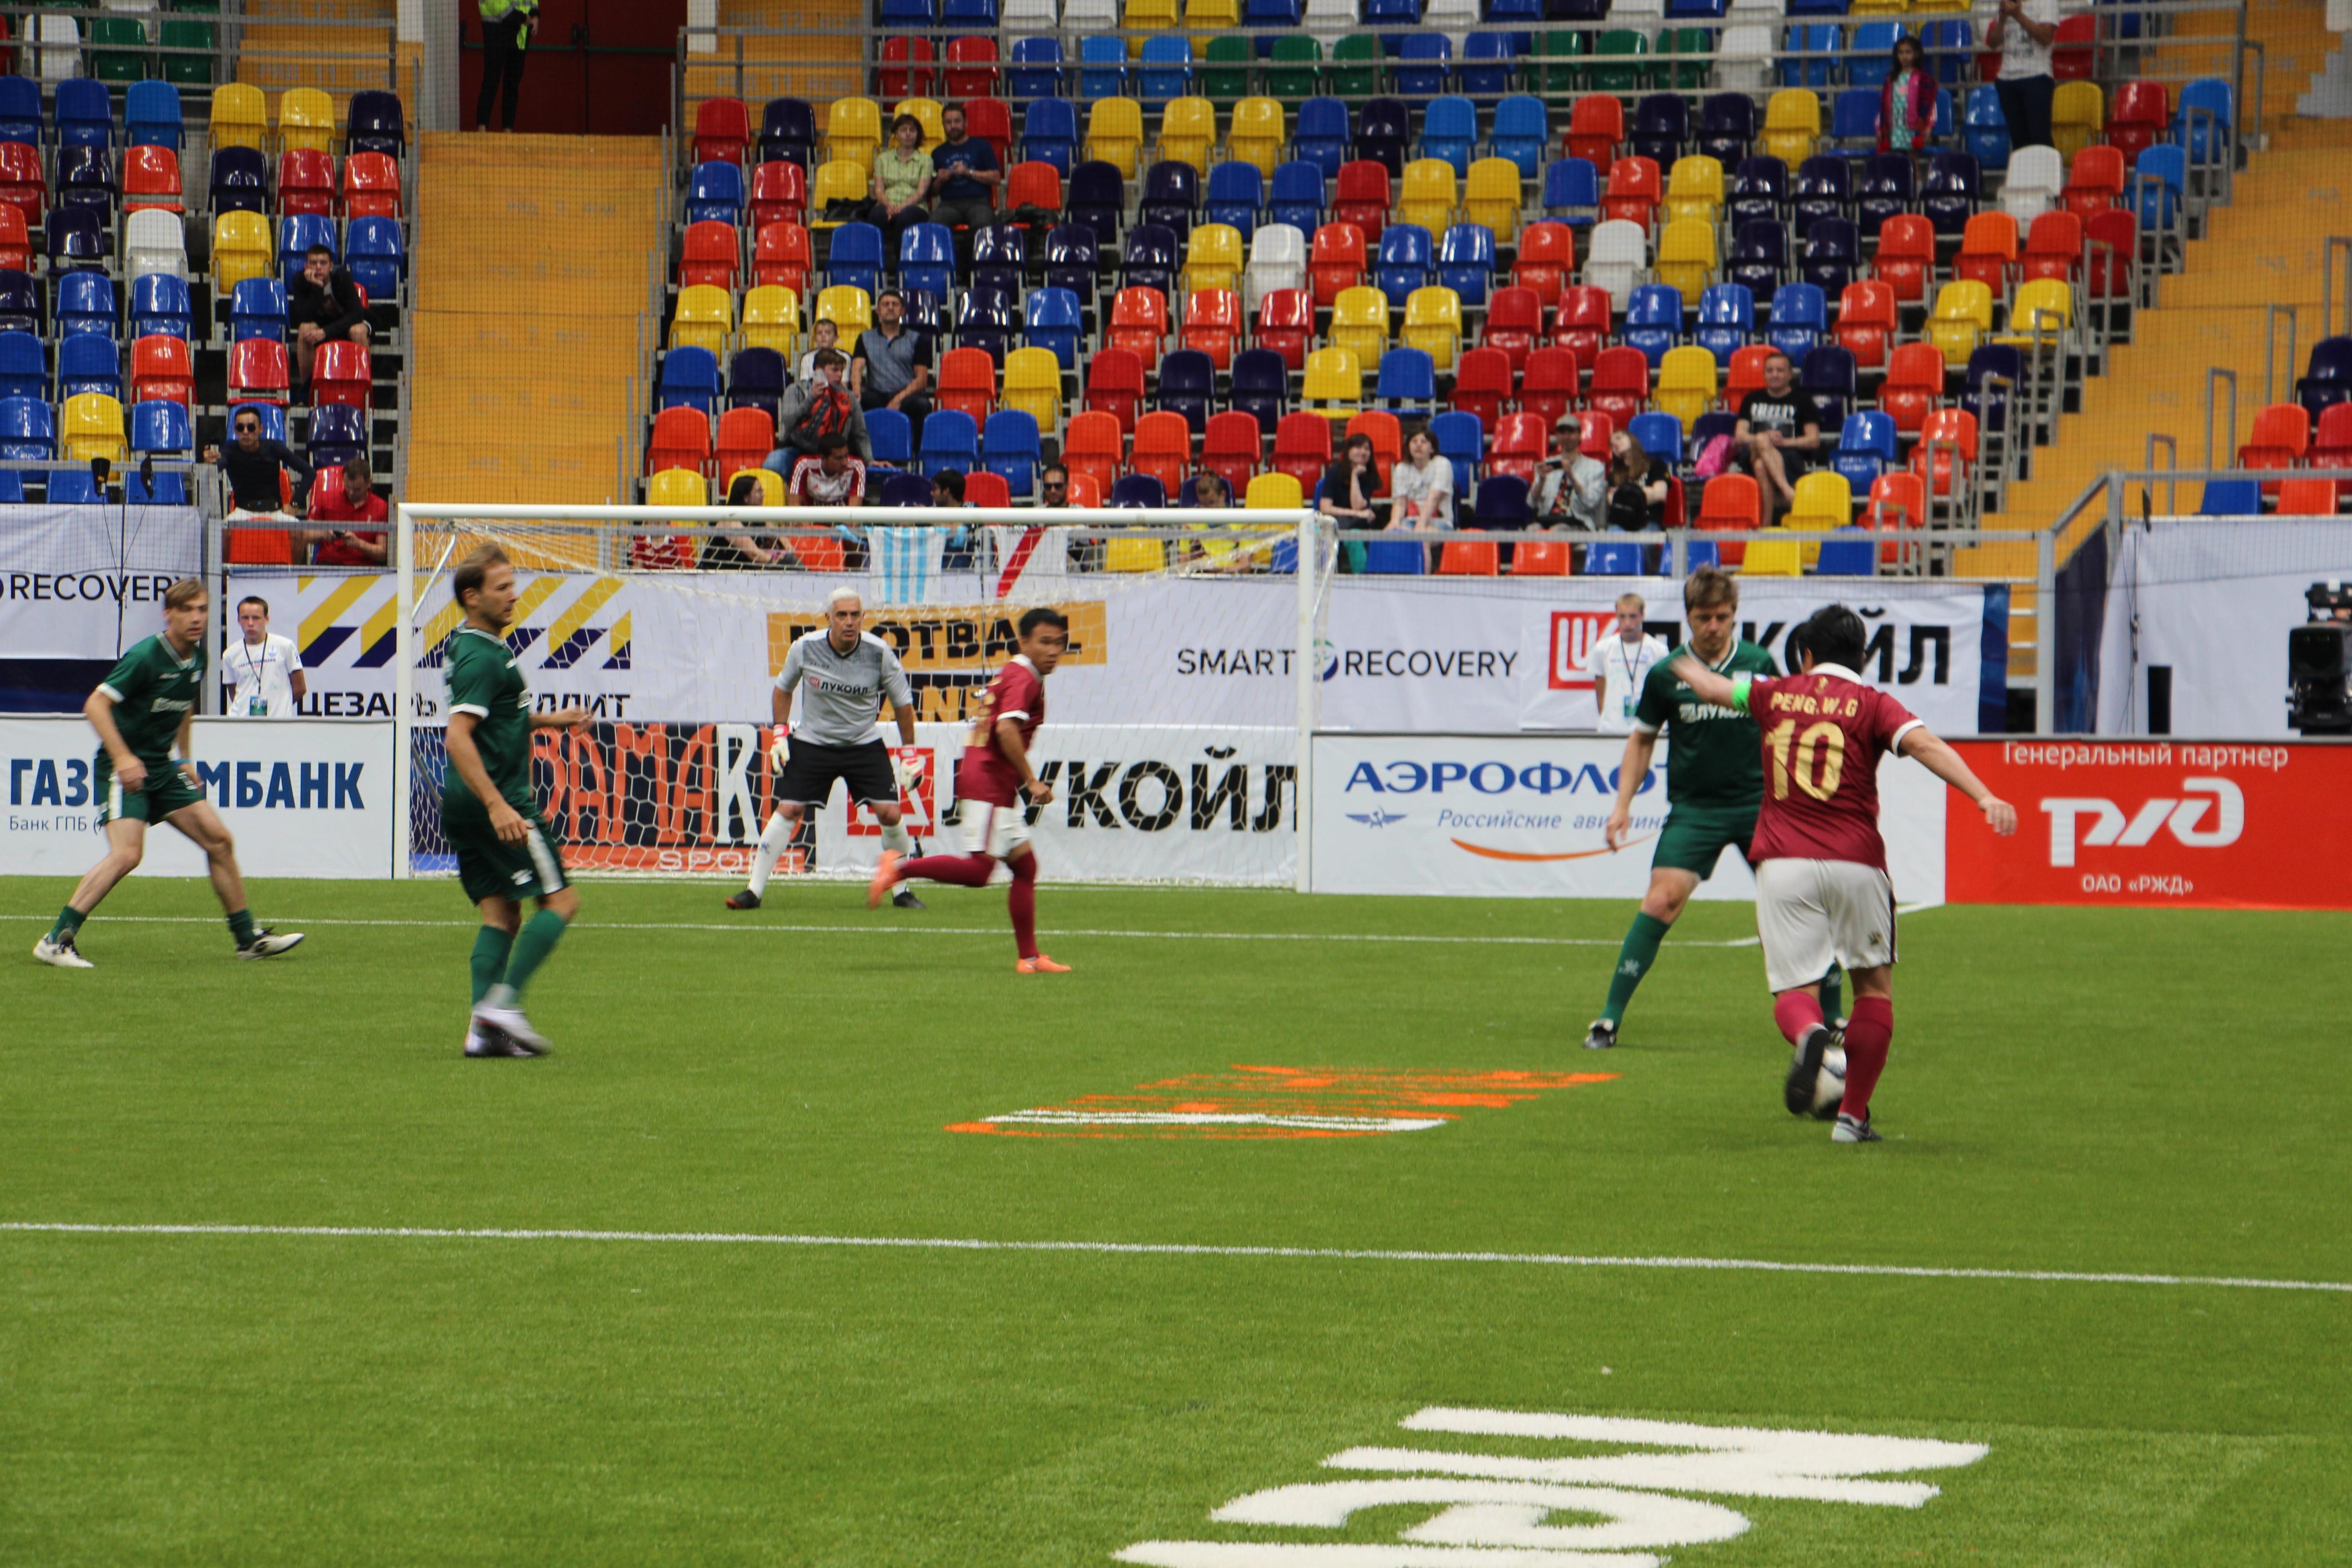 中国传奇2-8遭世界明星逆转,门迭塔30秒两球